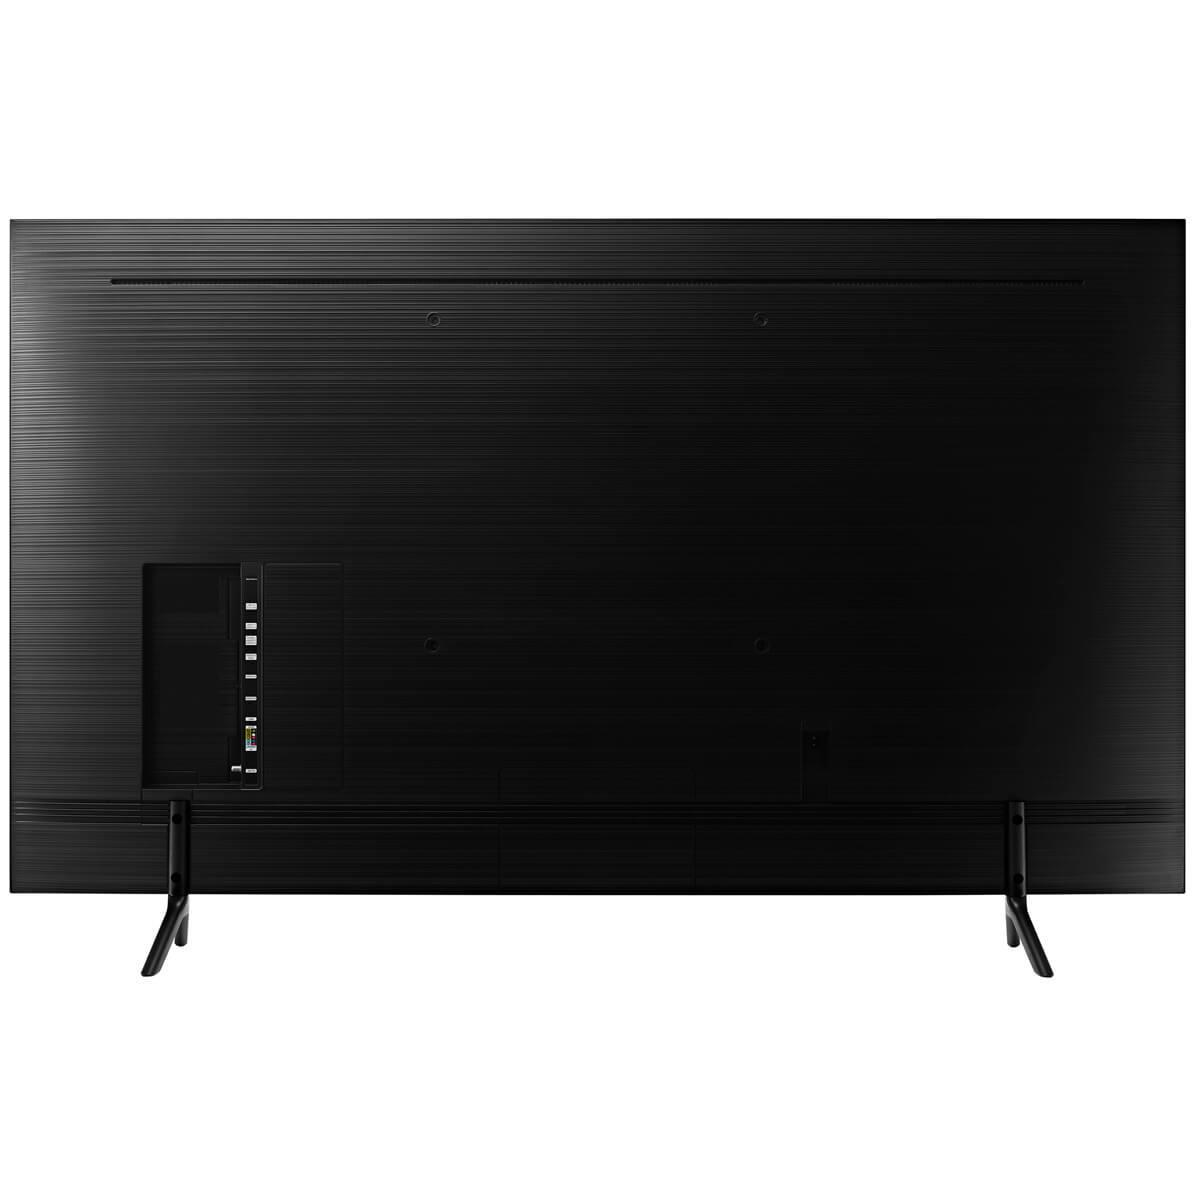 e63b38a364c27 Smart TV LED 4K UHD 55